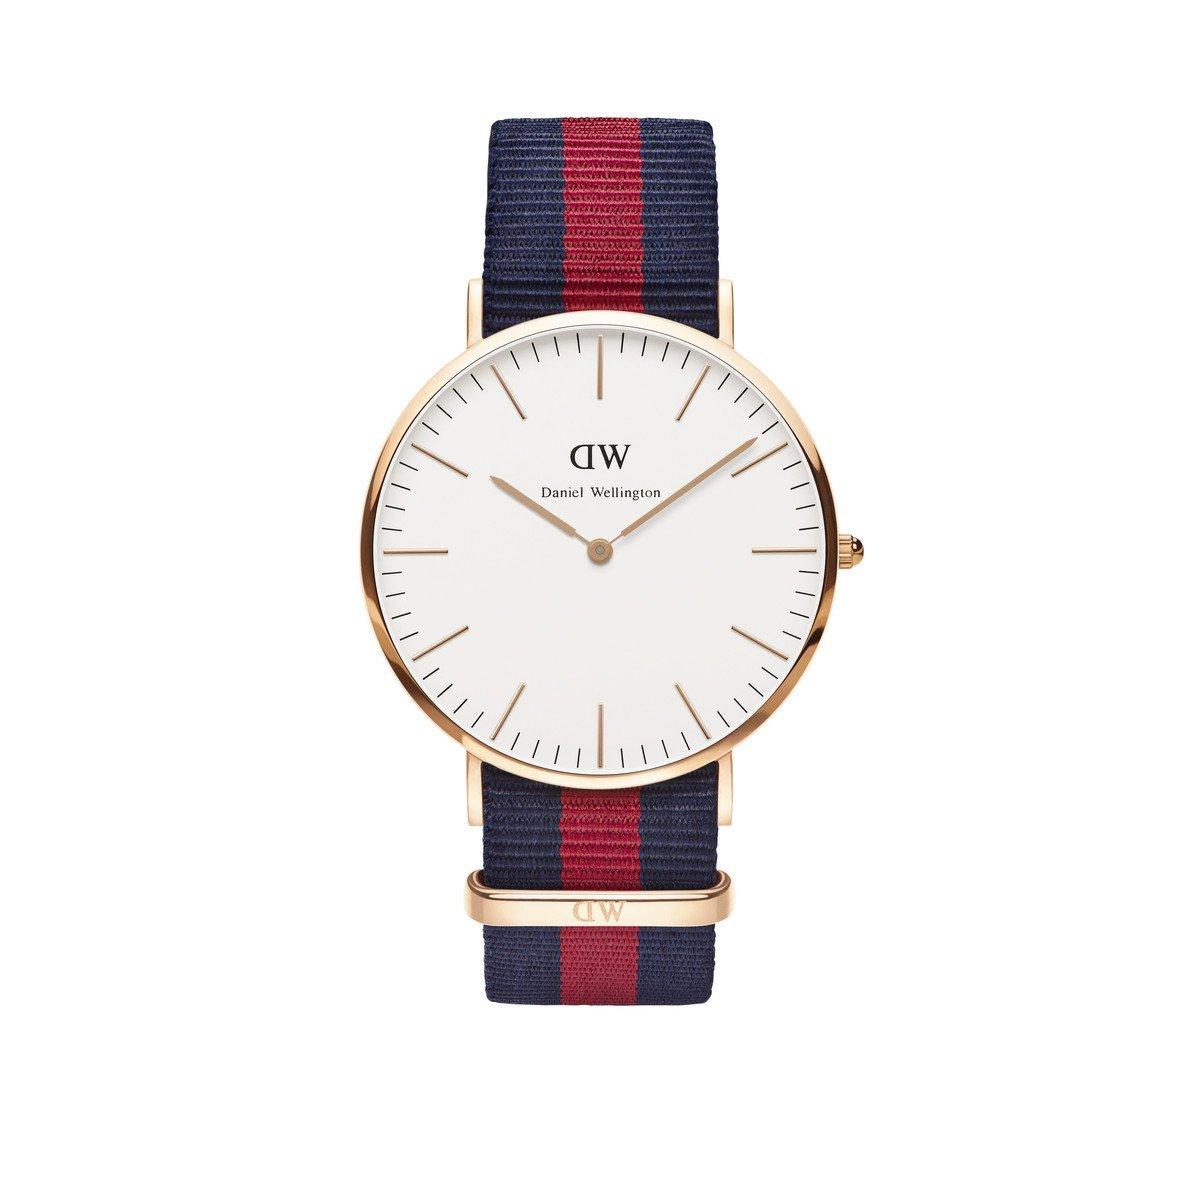 Daniel Wellington Trenduhren  Herren-Armbanduhr Analog Quarz One Size, weiß, blau/rot